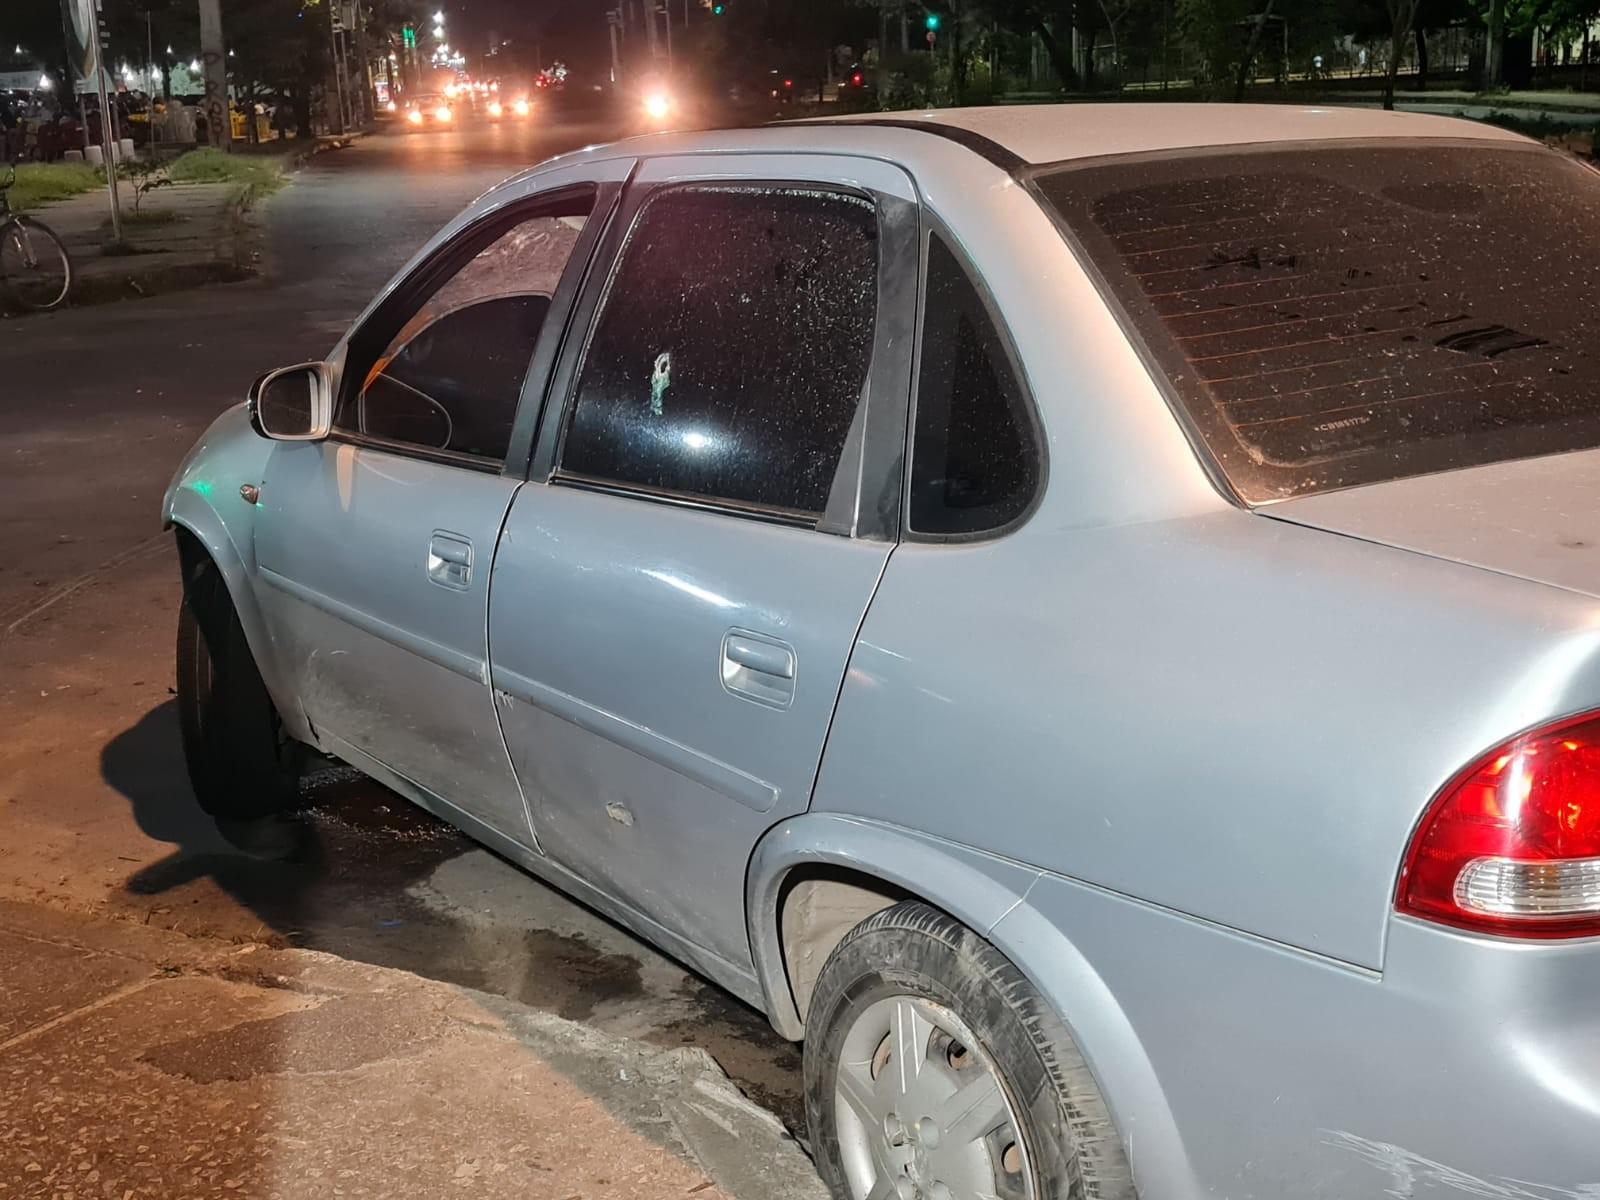 Adolescentes suspeitos de roubar carro e atropelar idoso durante fuga são capturados após perseguição policial, em Fortaleza